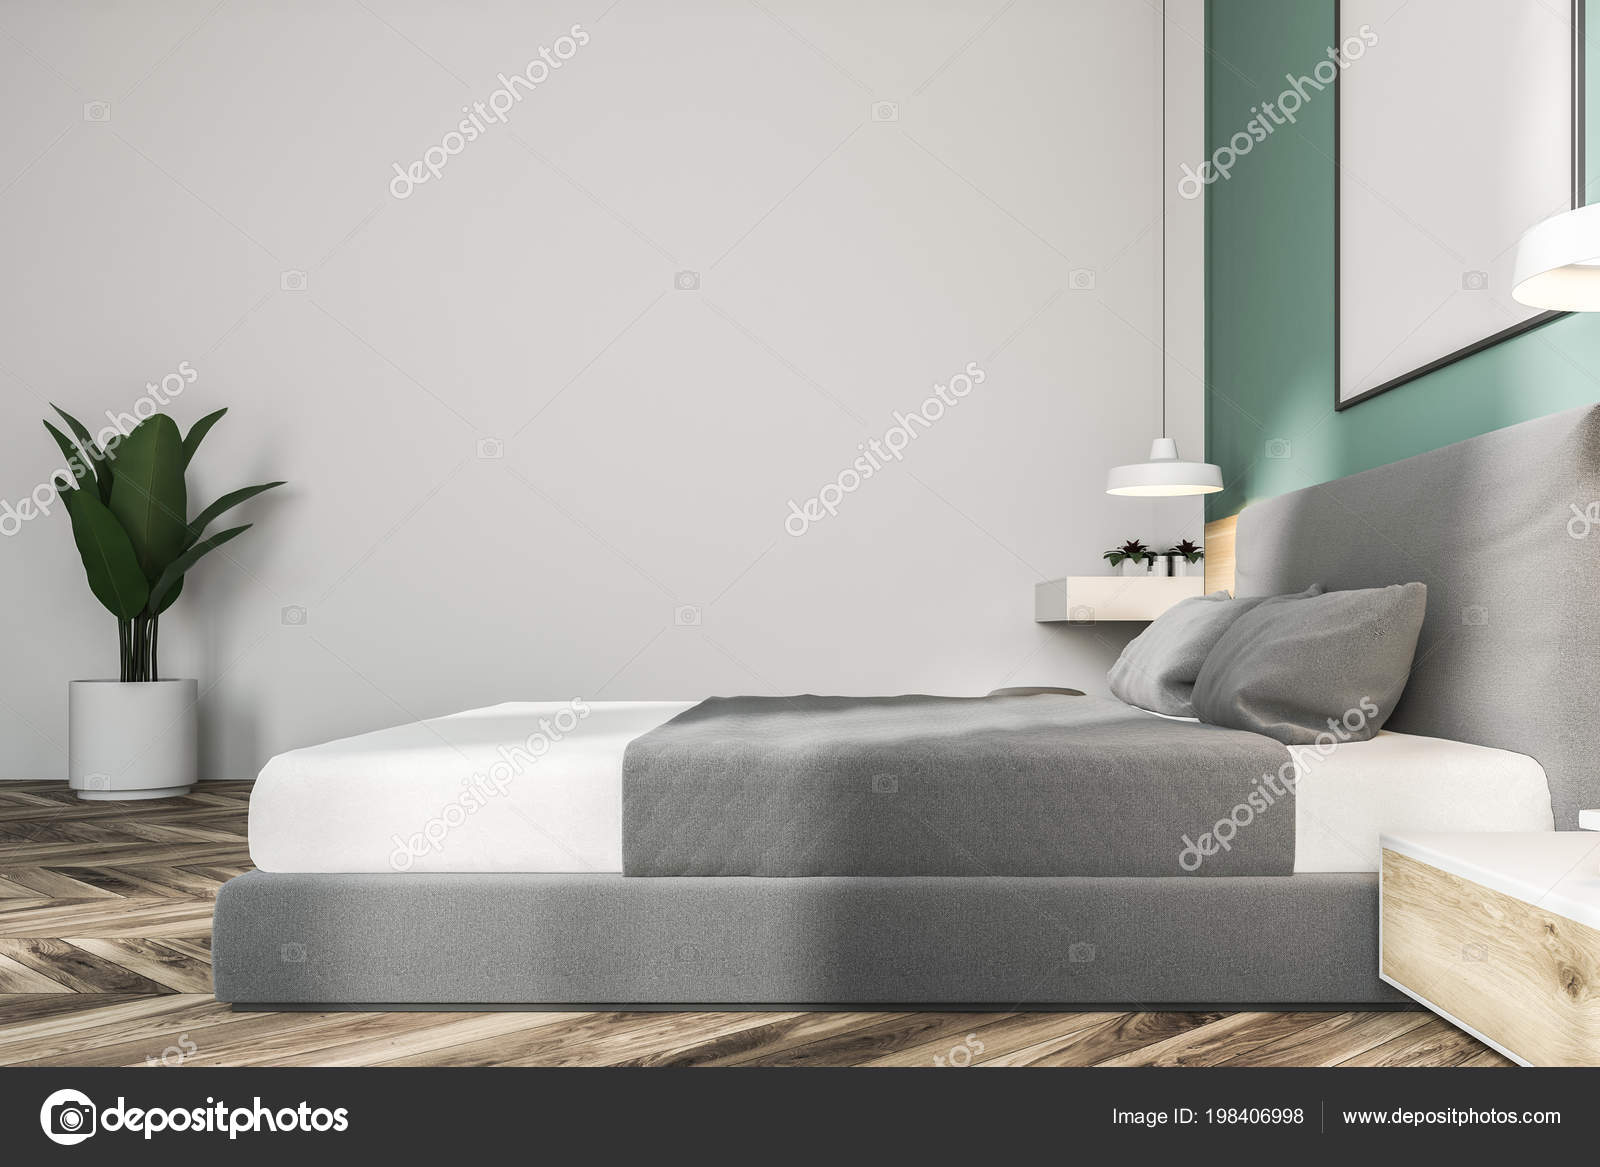 Genial Intérieur Chambre Coucher Blanc Vert Avec Plancher Bois Lit Kingu2013 Images De  Stock Libres De Droits